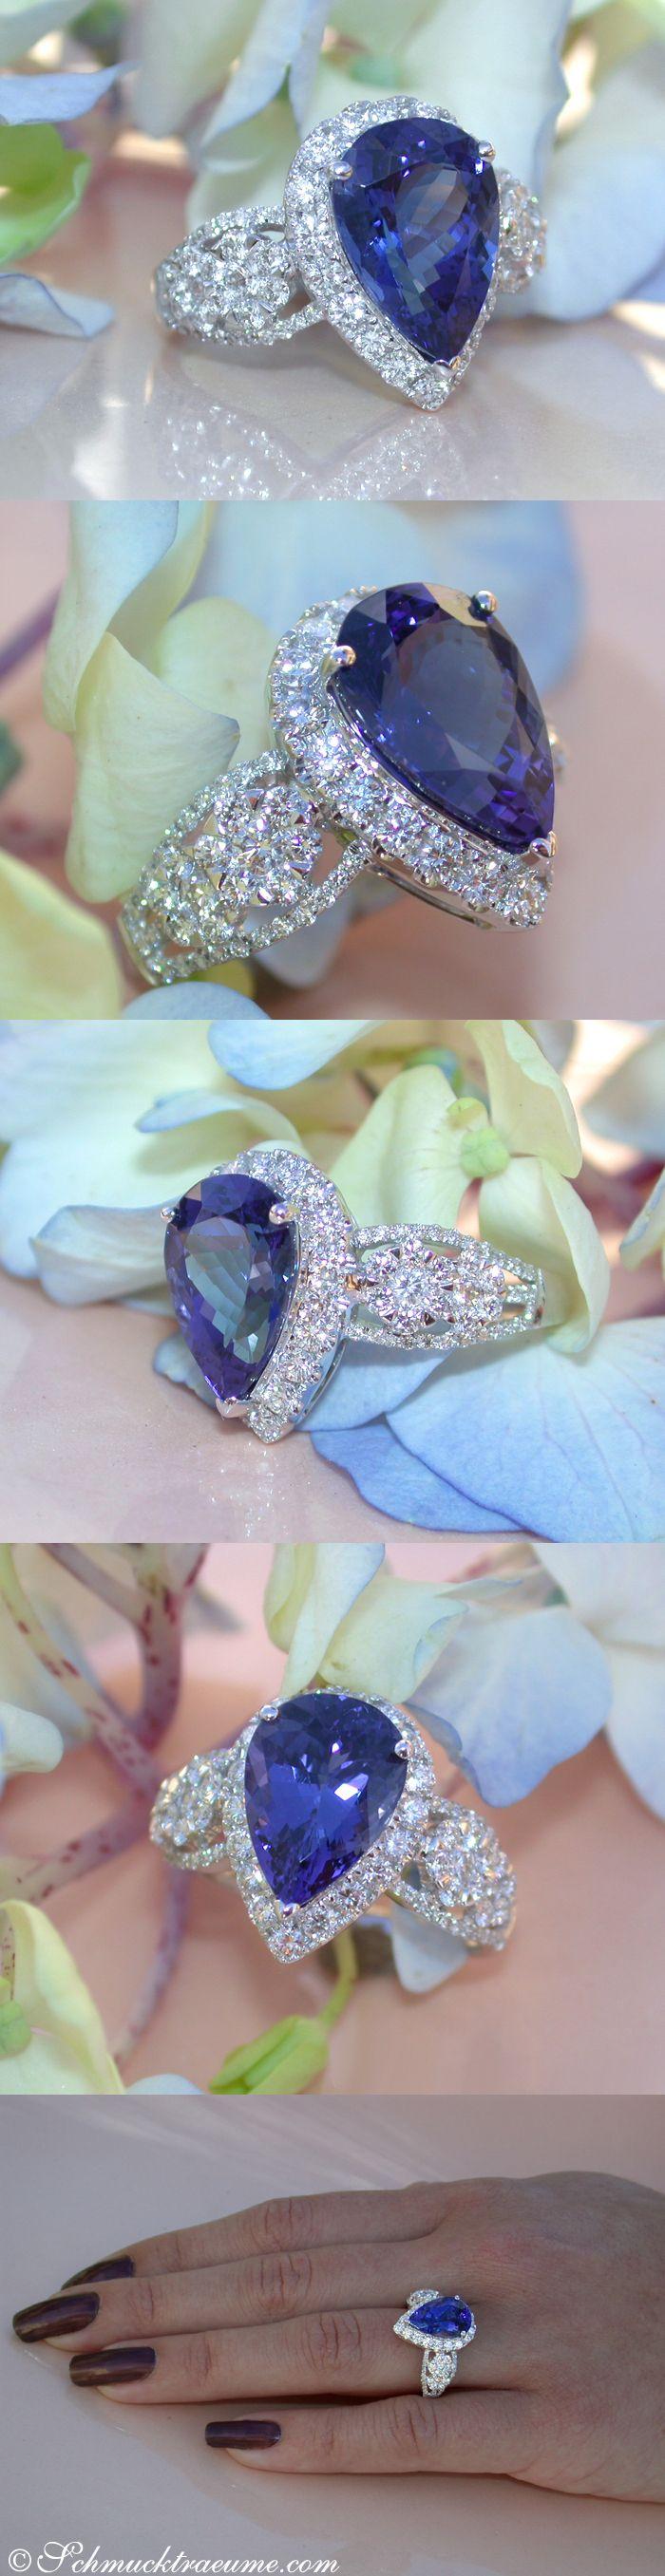 Feminine AAA Tanzanite Ring with Diamonds   5.20 ct.   WG-18k - schmucktraeume.com Like: https://www.facebook.com/Noble-Juwelen-150871984924926/